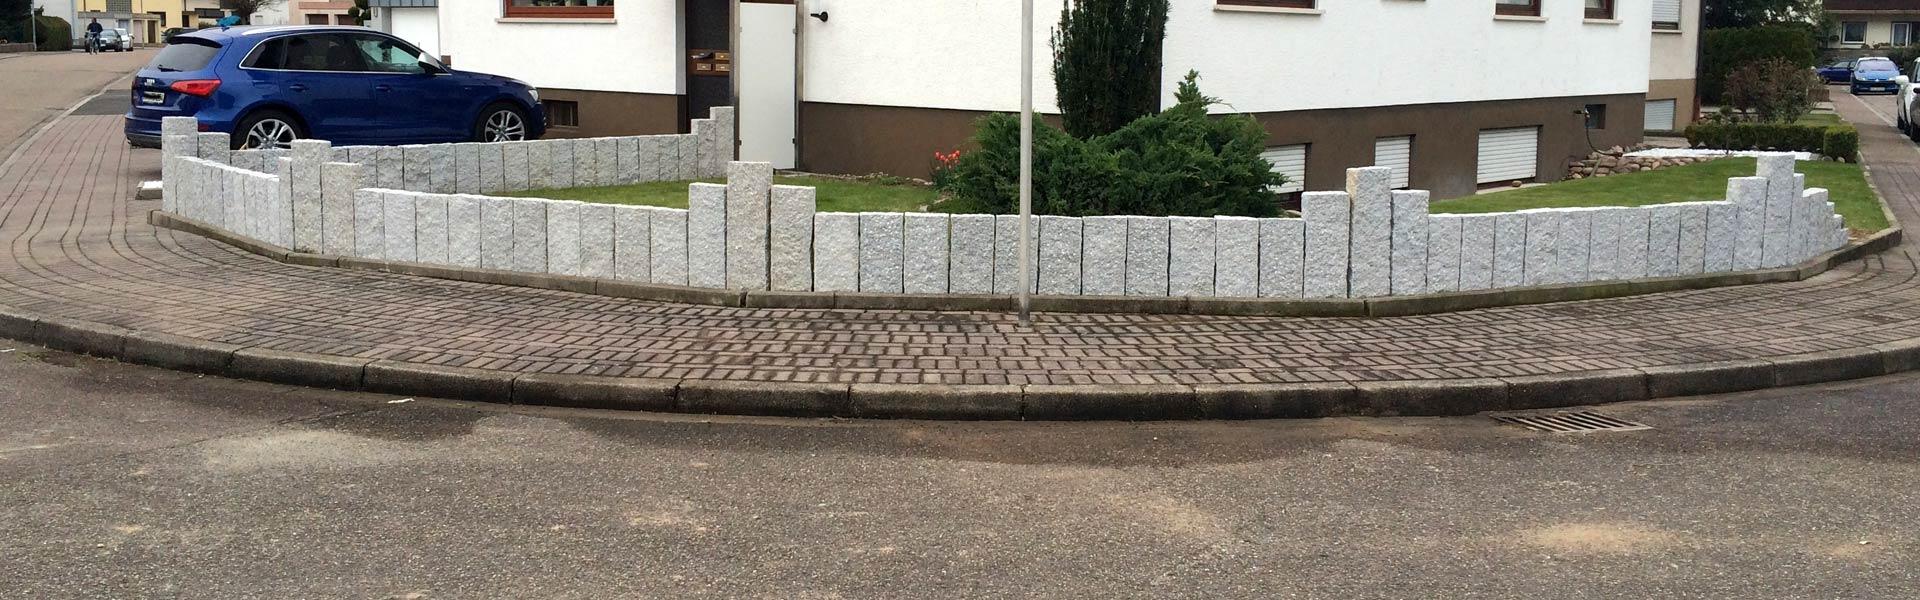 palisaden-aus-weißem-granit-naturstein